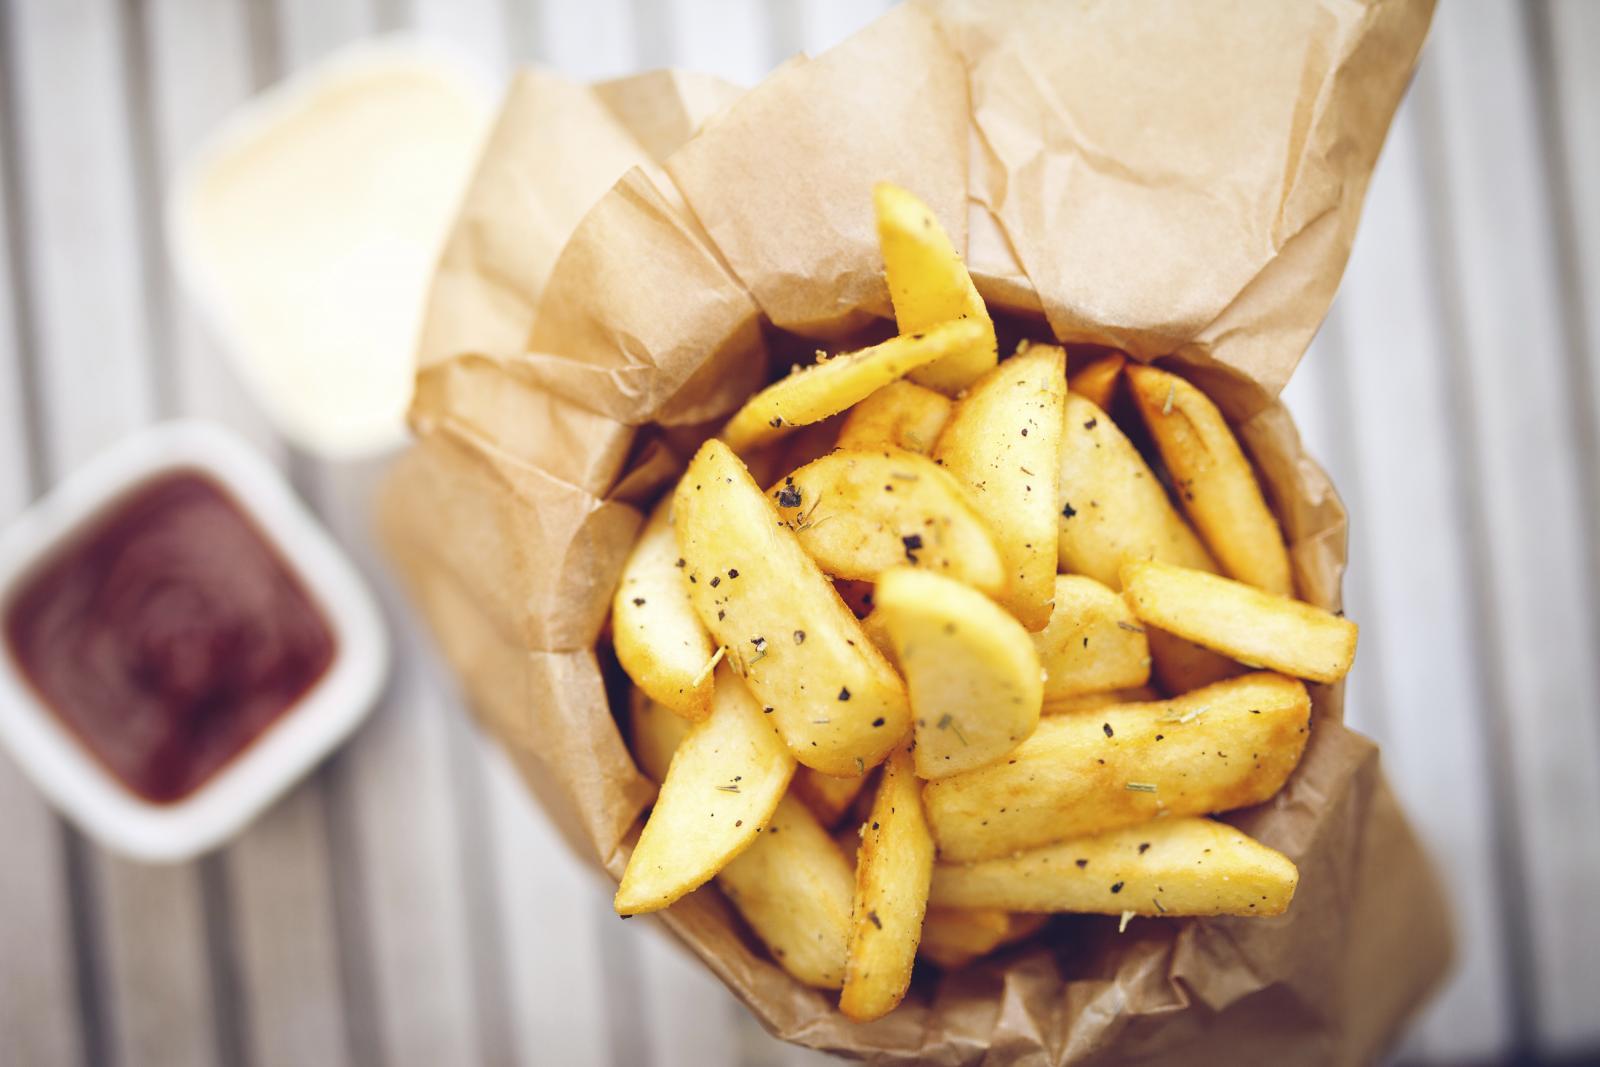 Jesti samo pržene krumpiriće po cijele dane baš i nije dobra ideja.